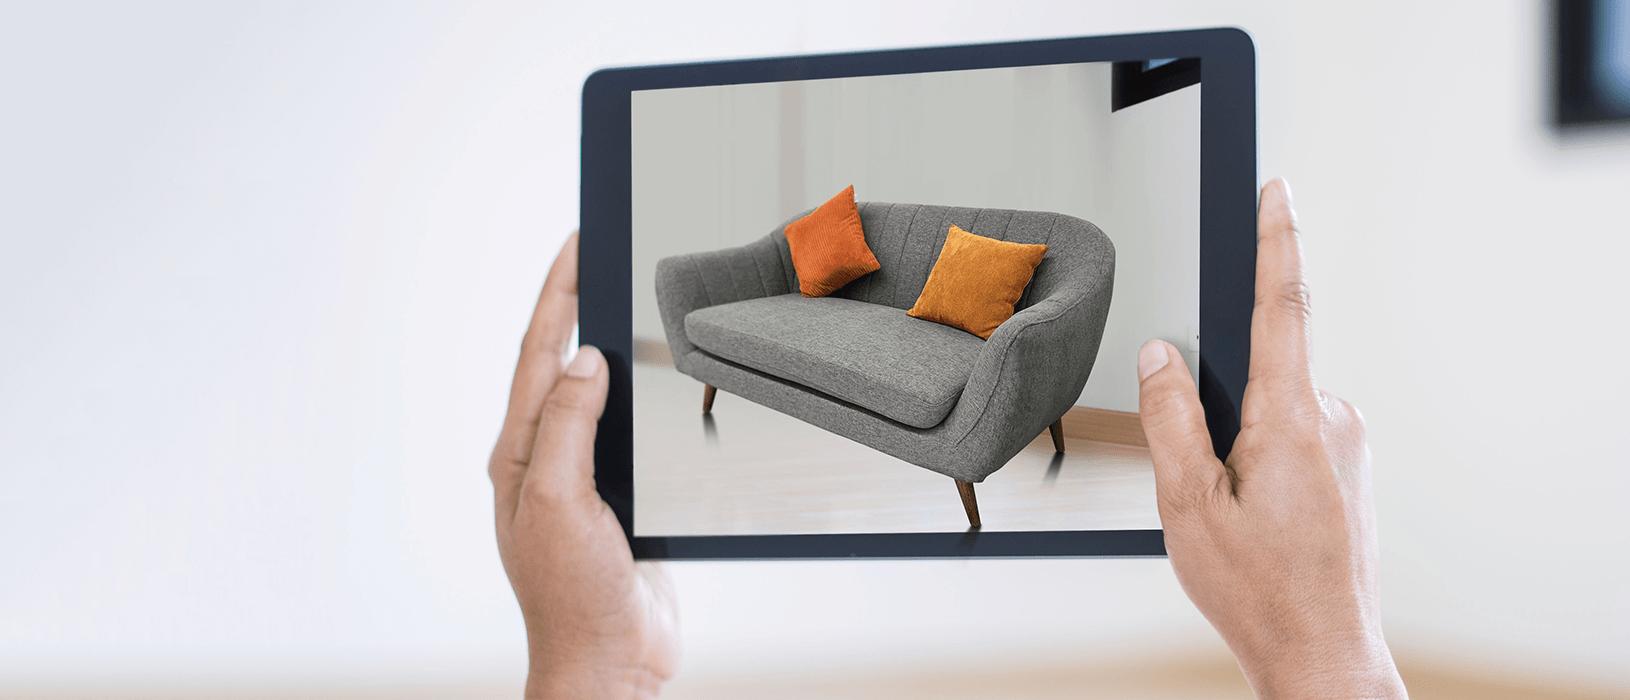 Viele Möbelstücke werden nach wie vor stationär gekauft. Jedoch bieten Social-Media-Kanäle hier neue Präsentationsmöglichkeiten! Bild: iStock